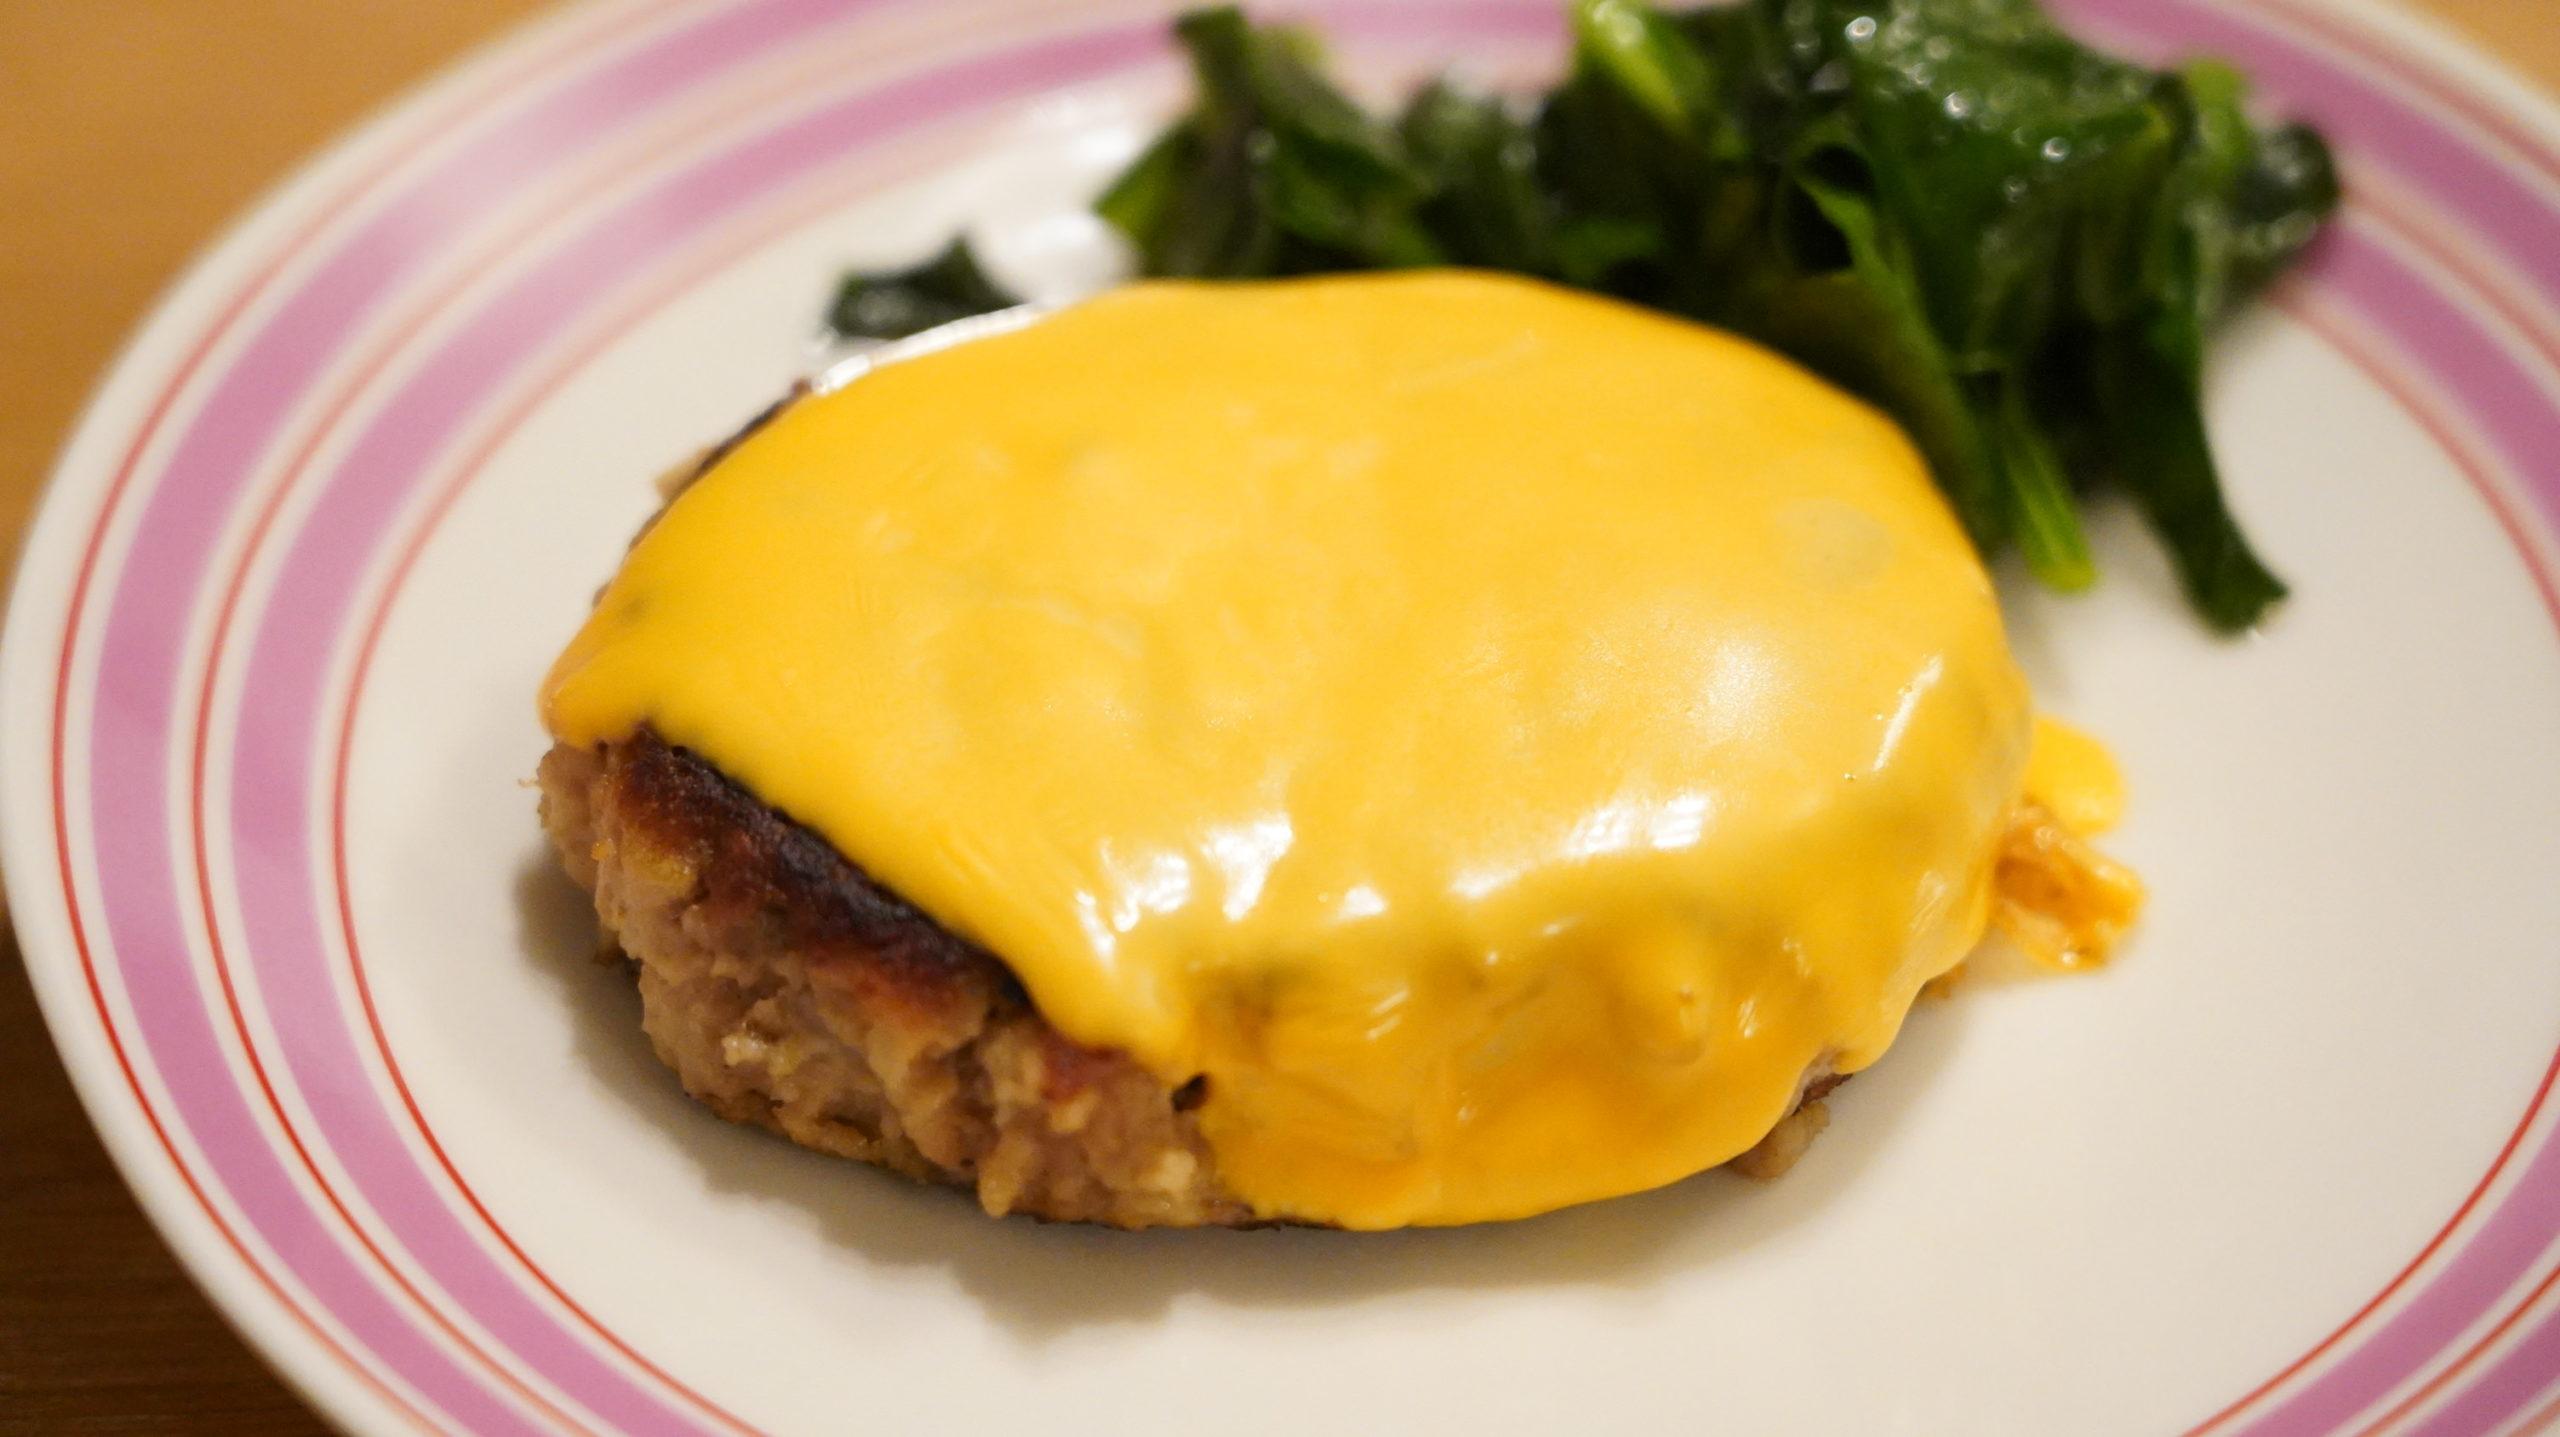 業務スーパーの冷凍食品「あらびきハンバーグ」にチェダーチーズを乗せた写真